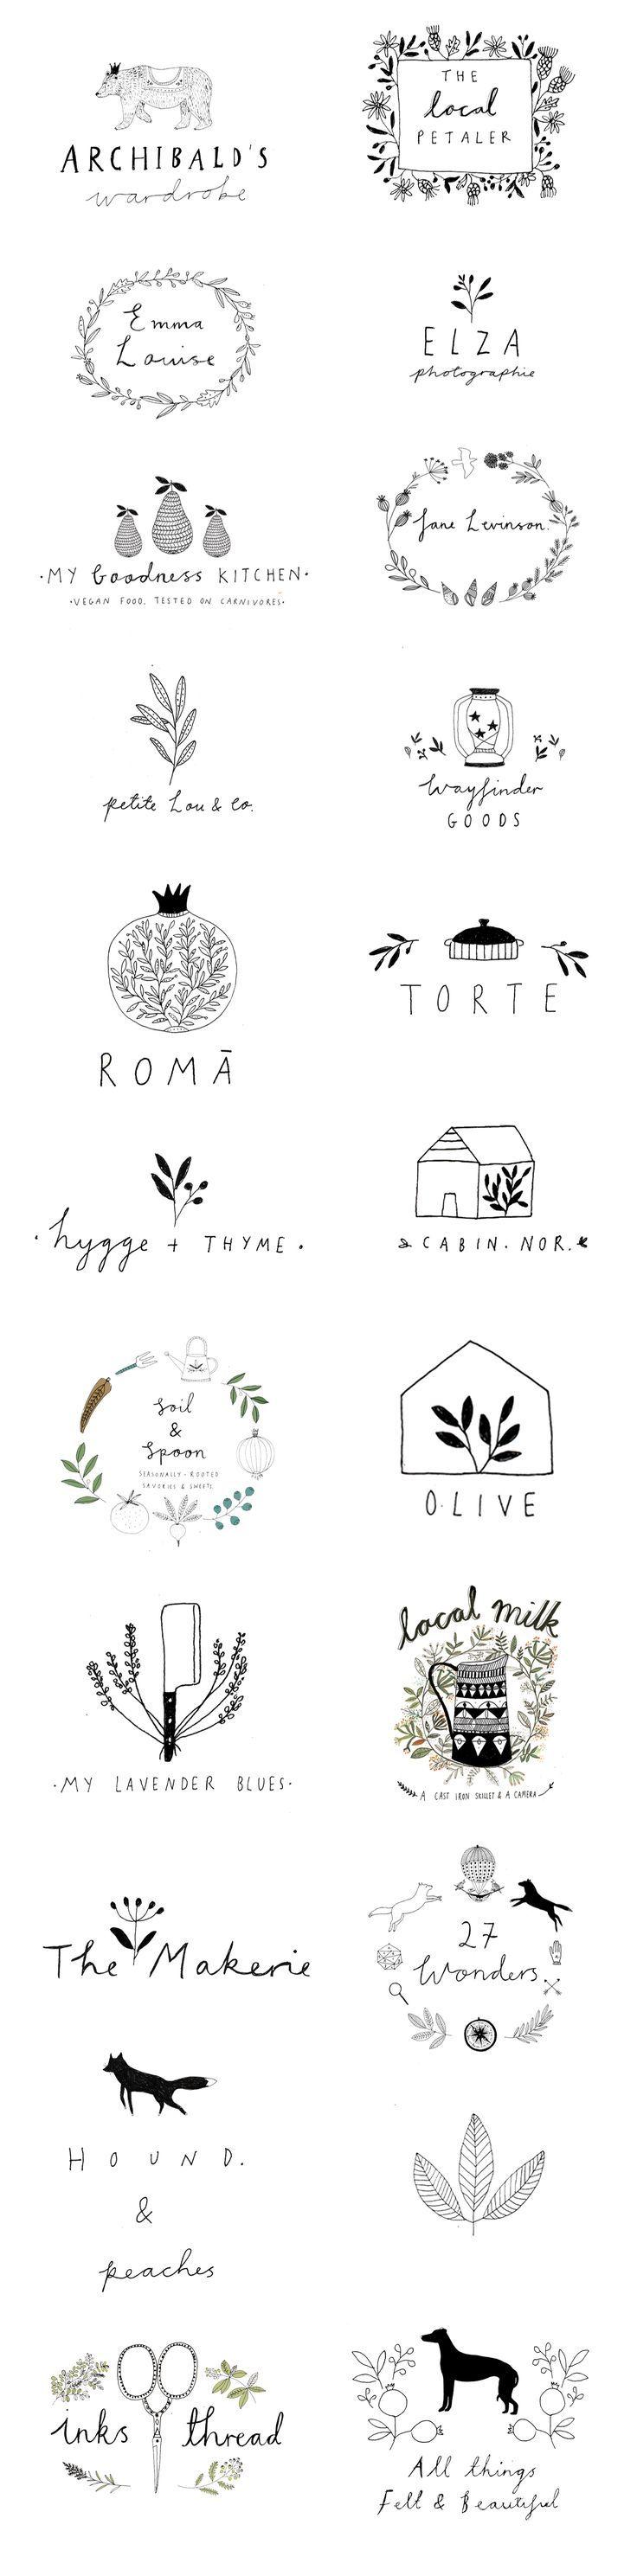 Logo designs by Ryn Frank http://www.rynfrank.co.uk hand written illustration